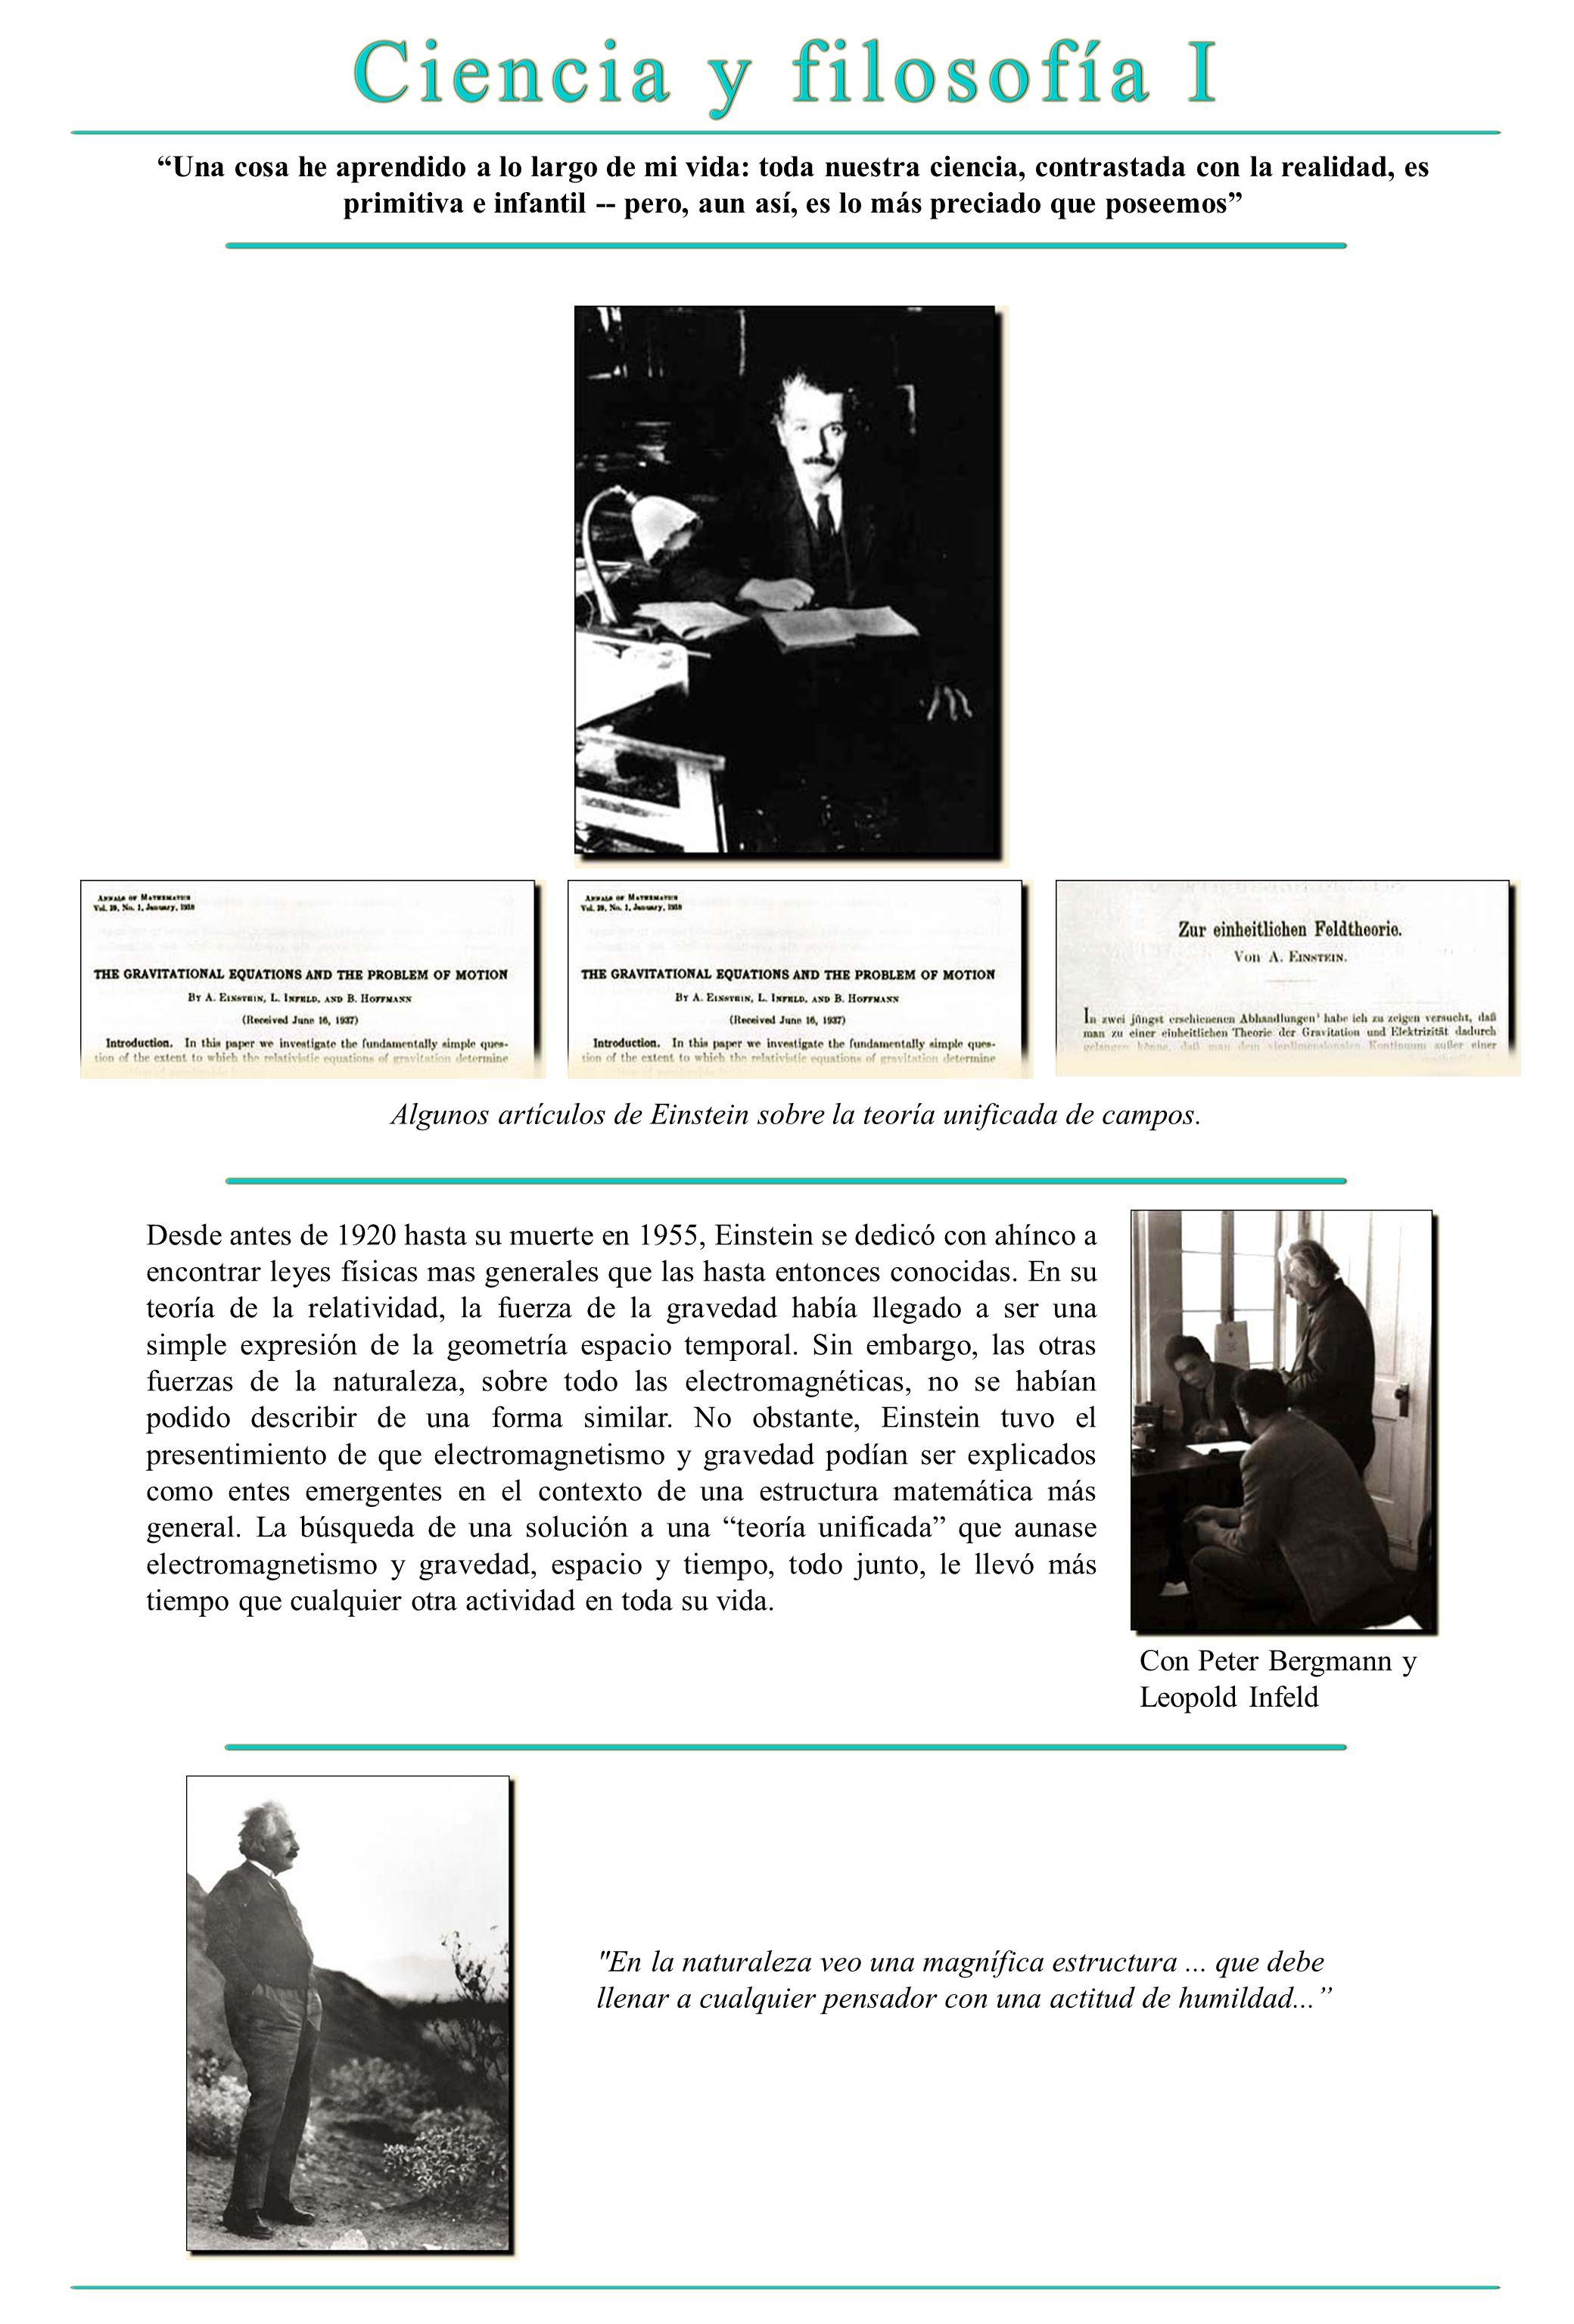 Algunos artículos de Einstein sobre la teoría unificada de campos.